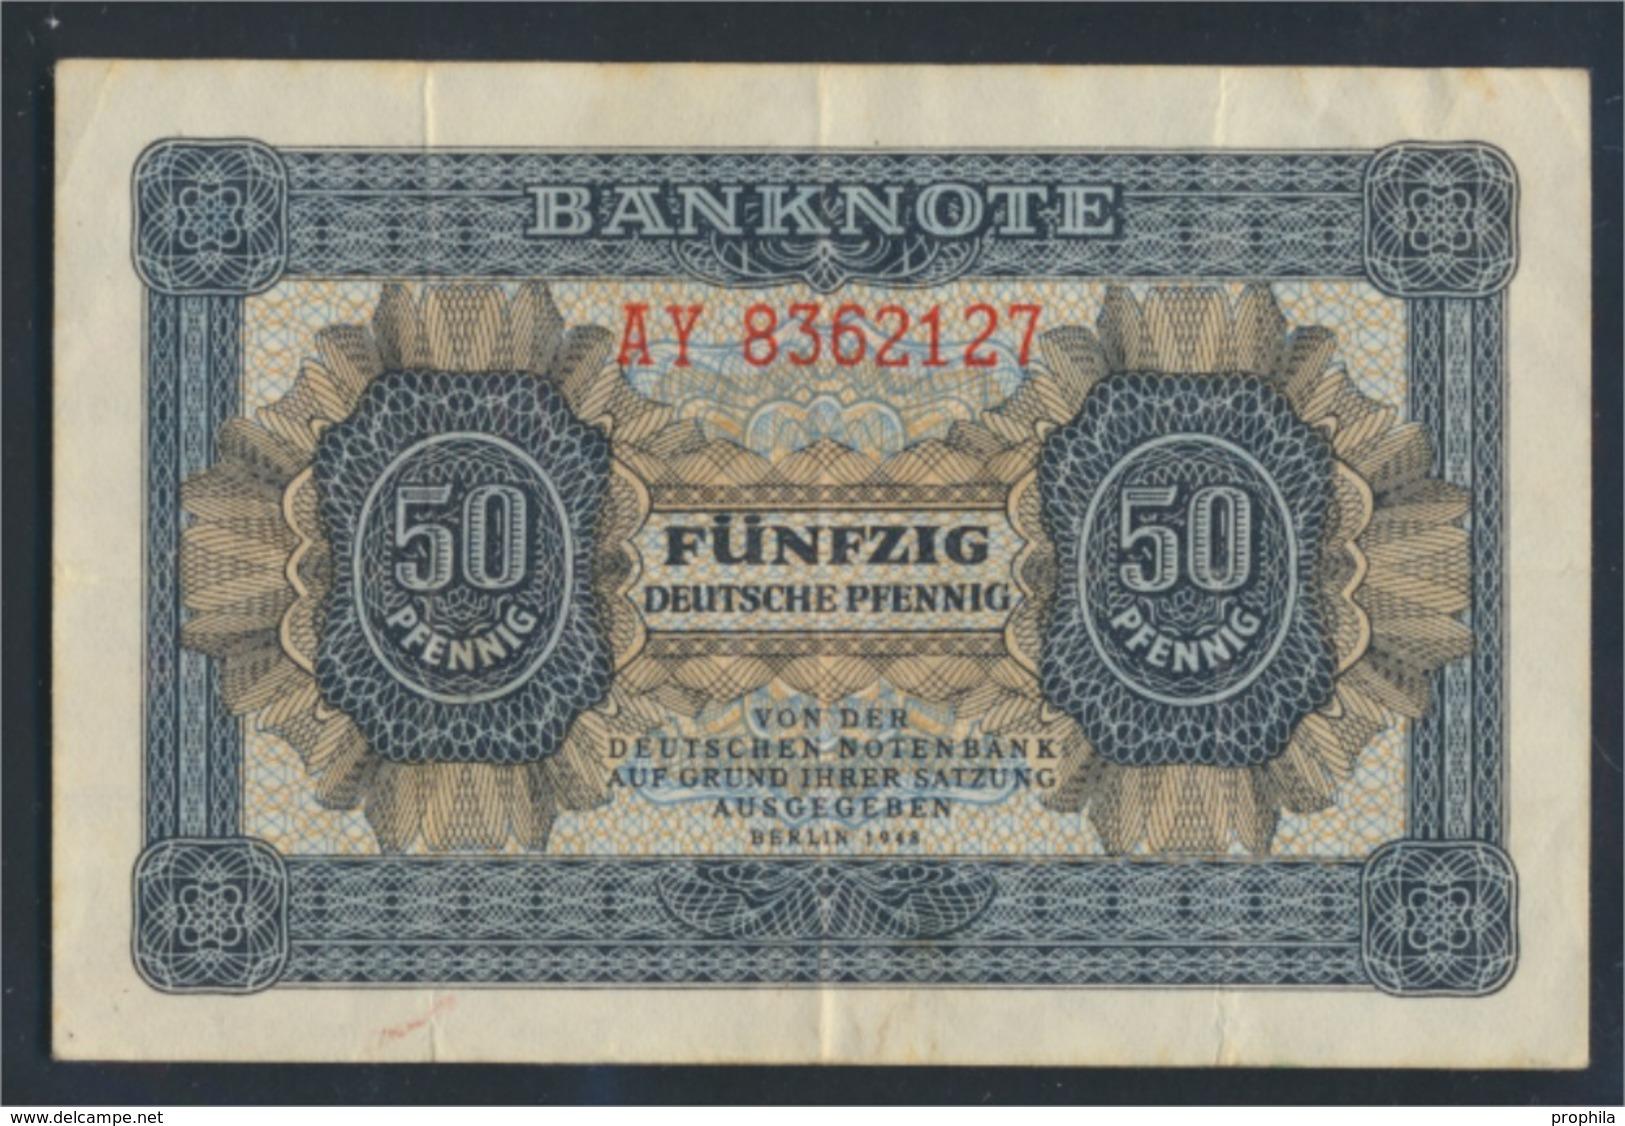 DDR Rosenbg: 339e KN 7stellig, Davor Zwei Buchstaben Gebraucht (III) 1948 50 Deutsche Pfennig (9223279 - 50 Deutsche Pfennig